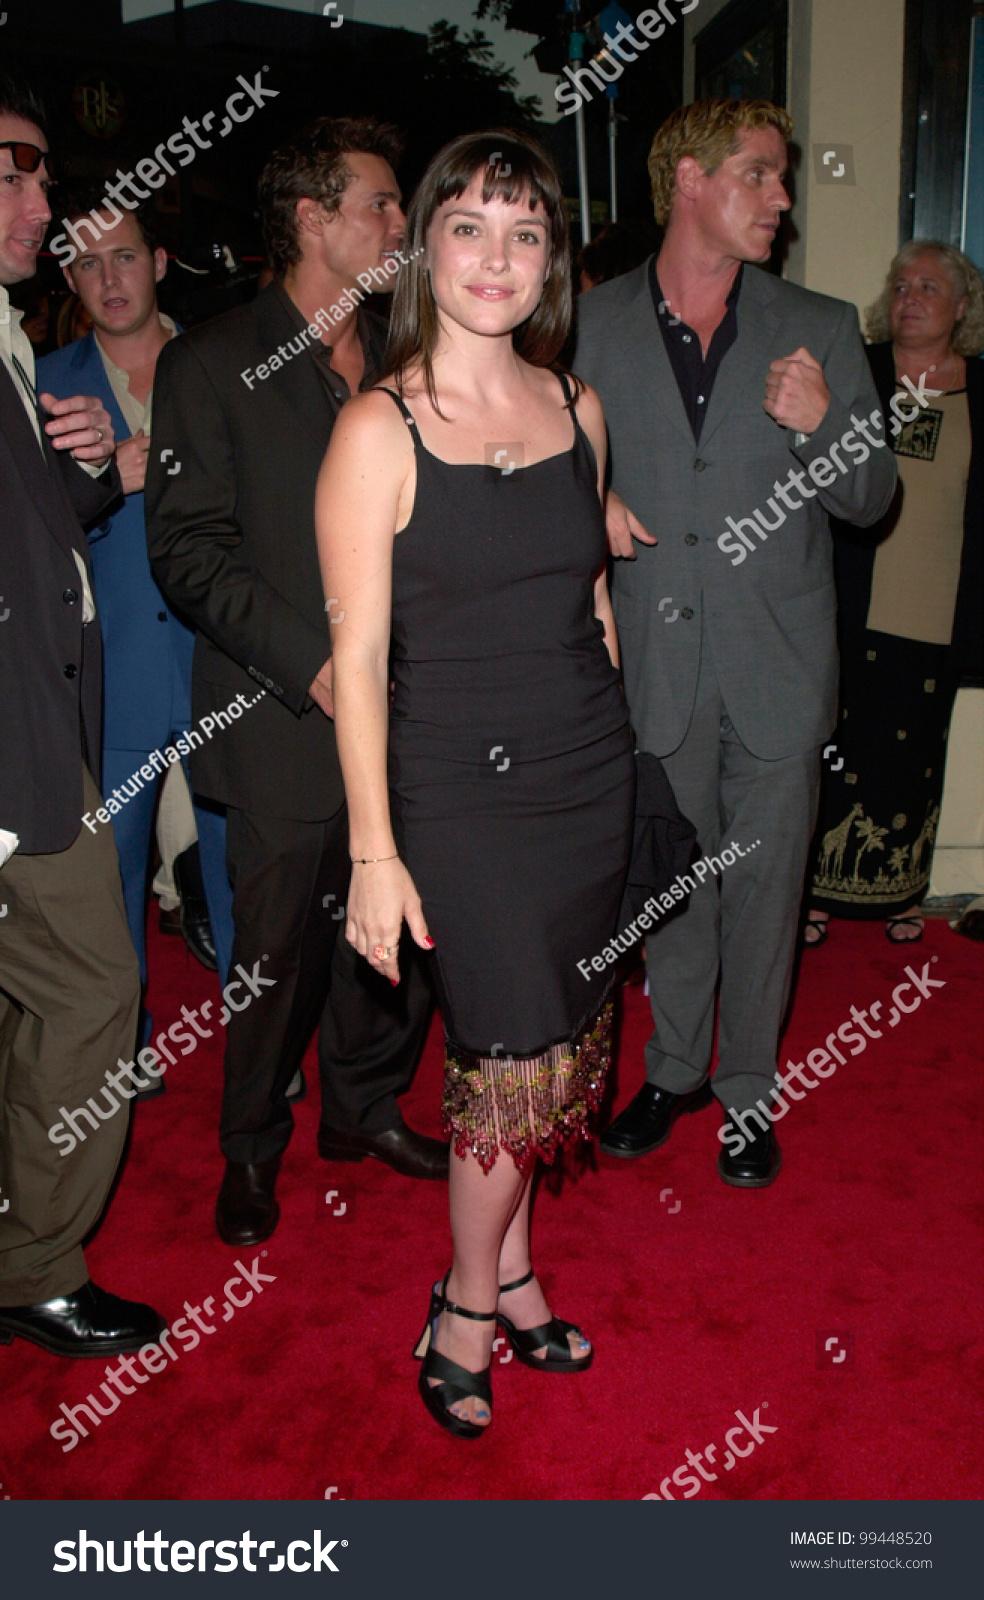 Kim Murphy (actress)